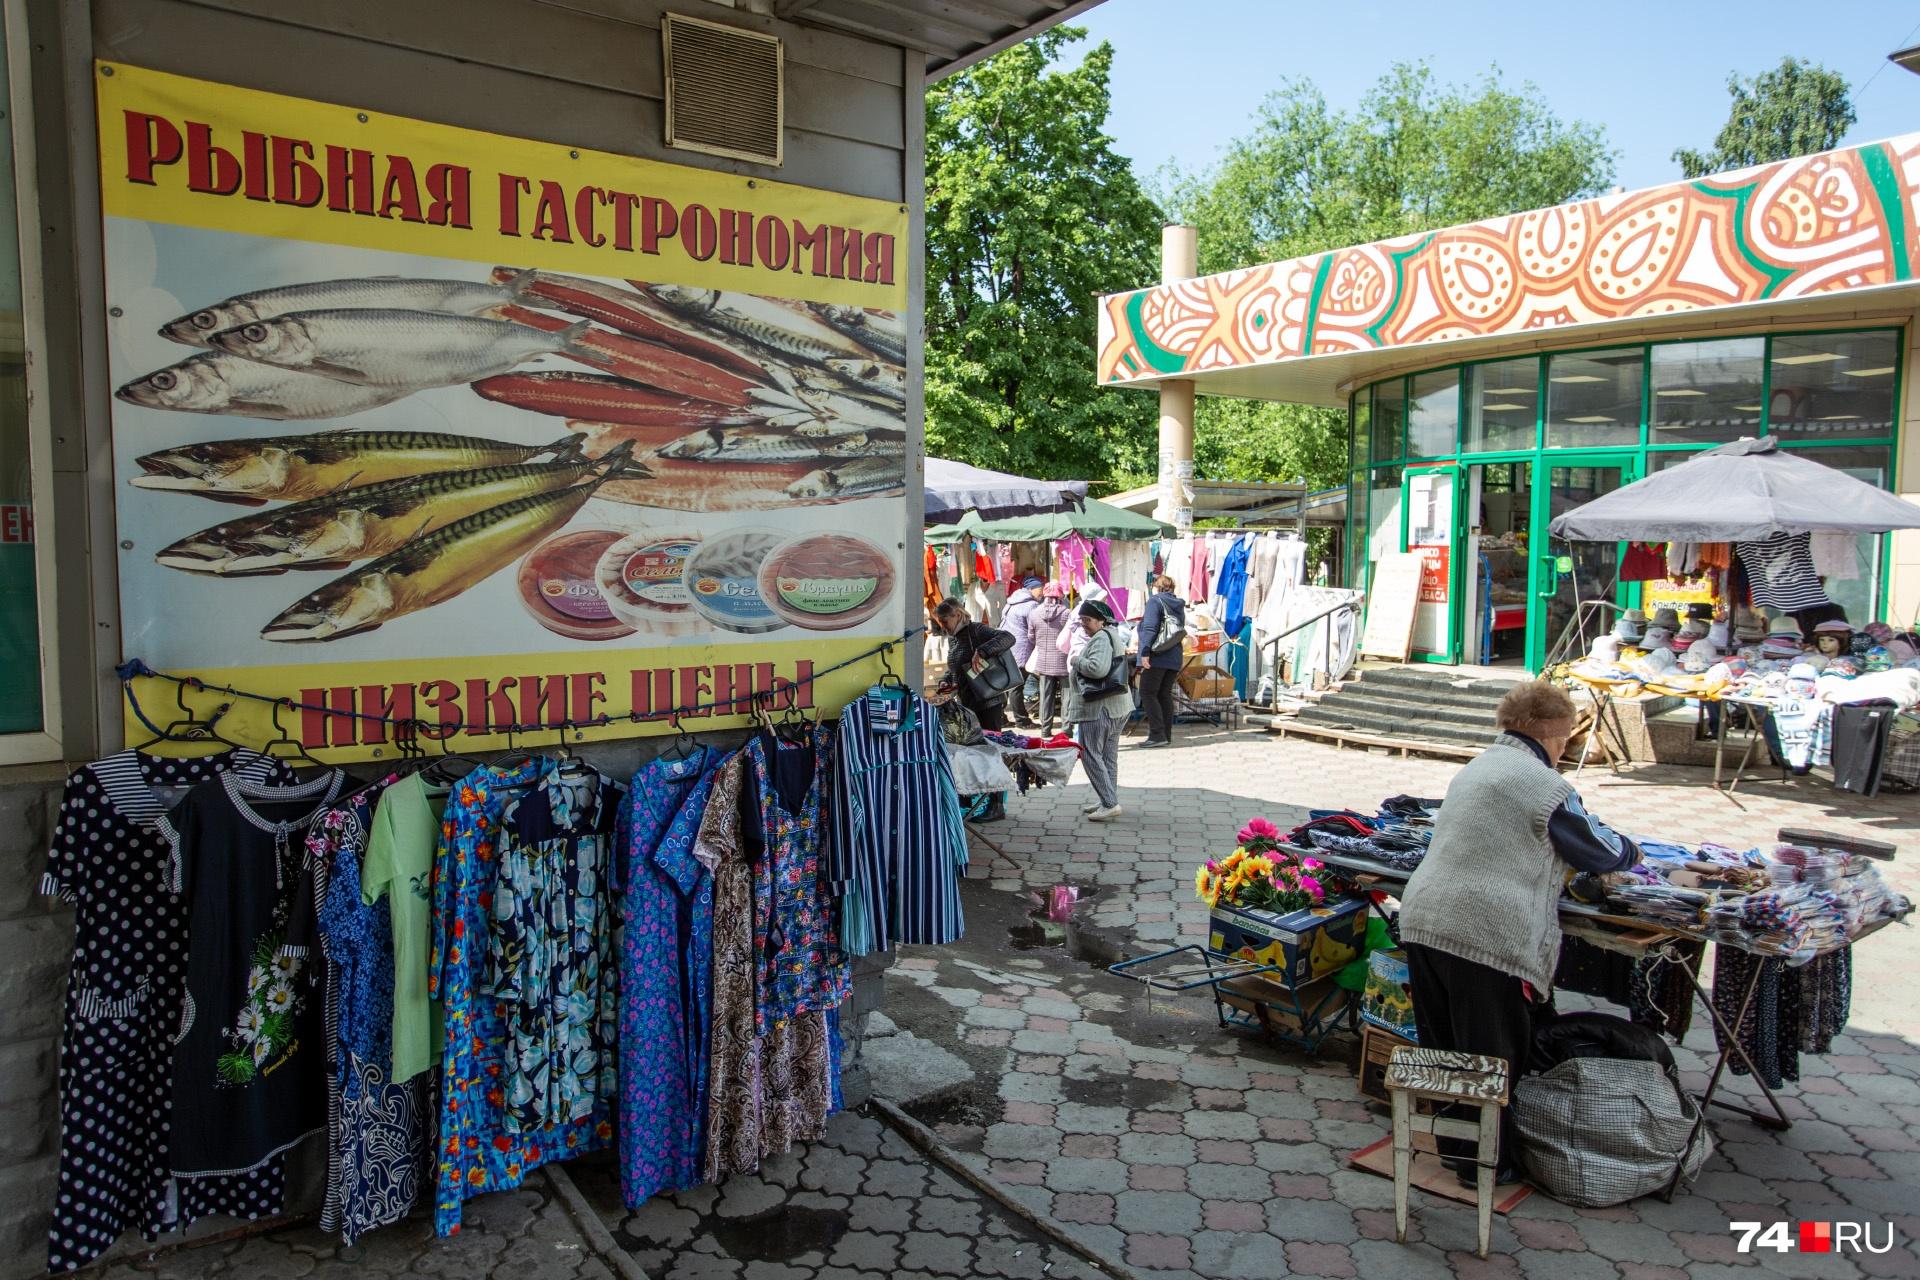 Этот рынок, пожалуй, самый известный в городе и имеет уже исторические корни